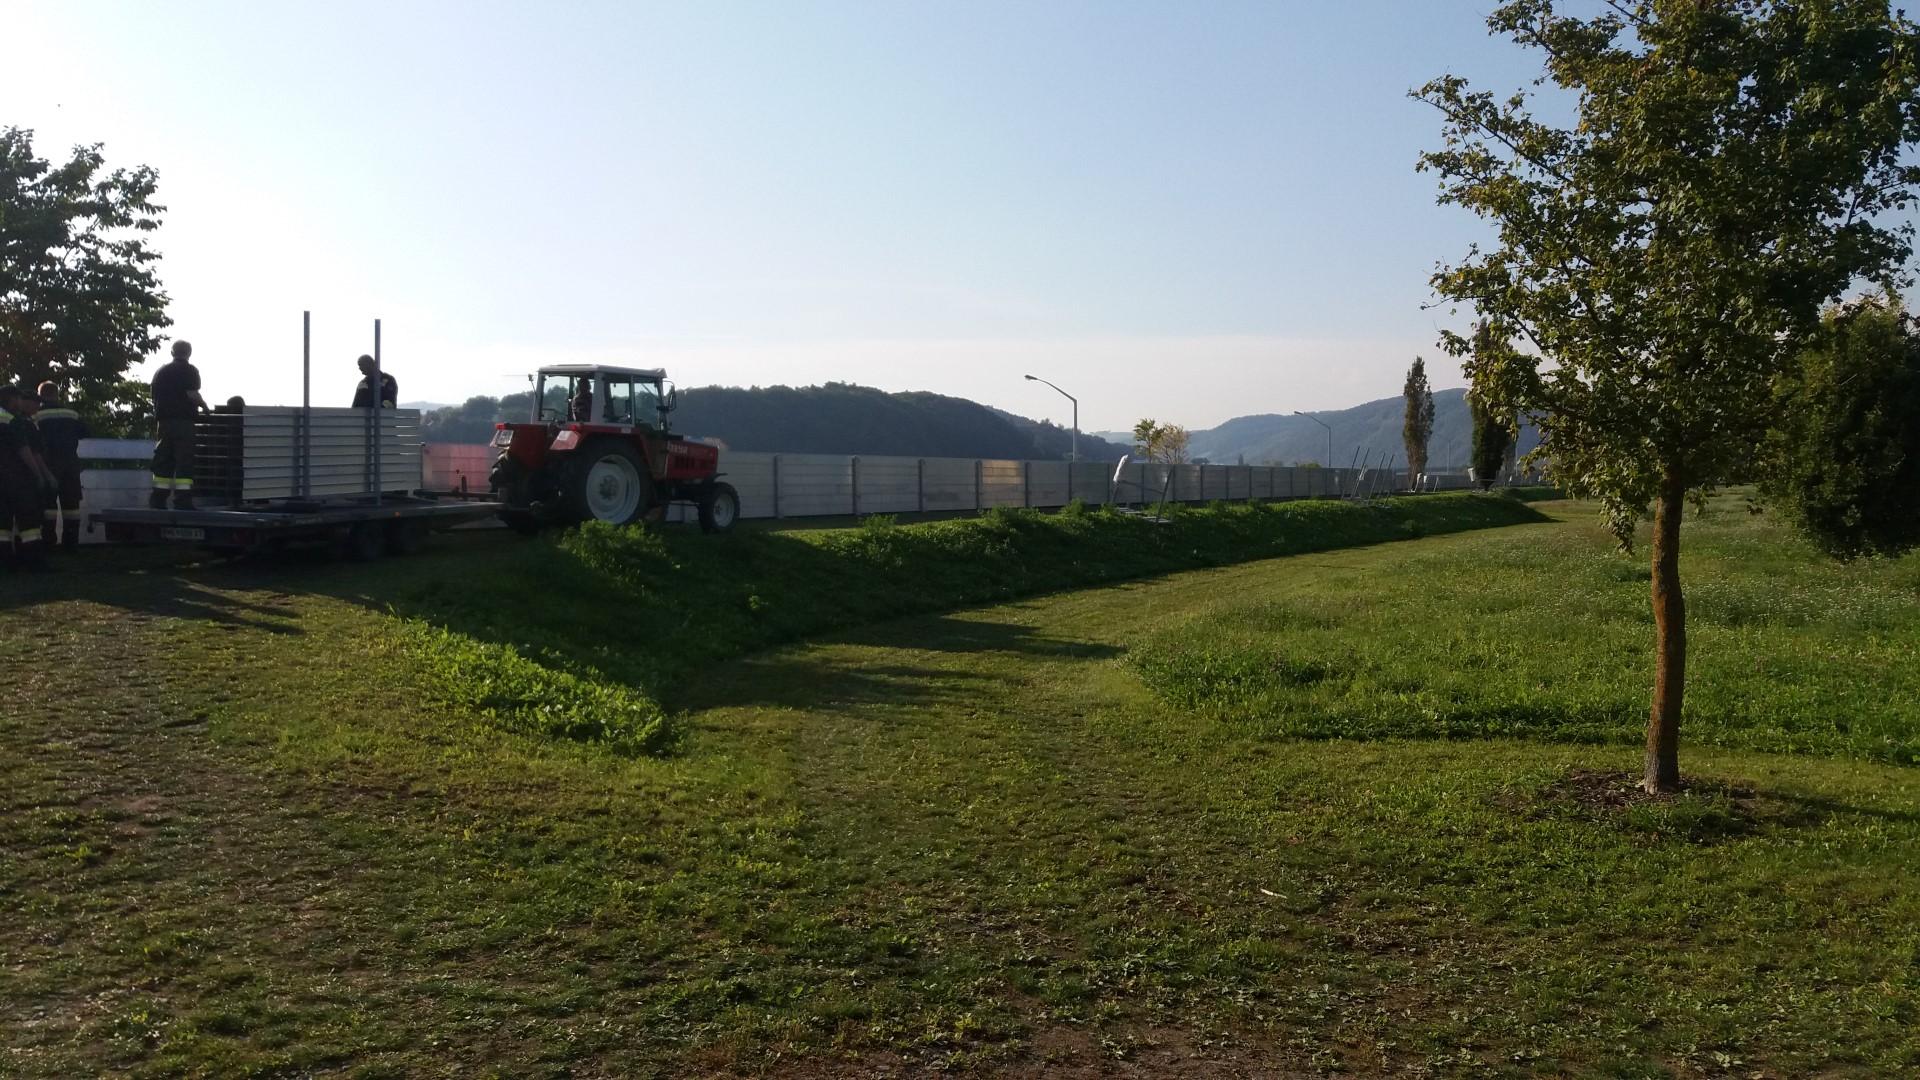 2017.09.29-30 Vollaufbau Hochwasserschutz (86) (Large)